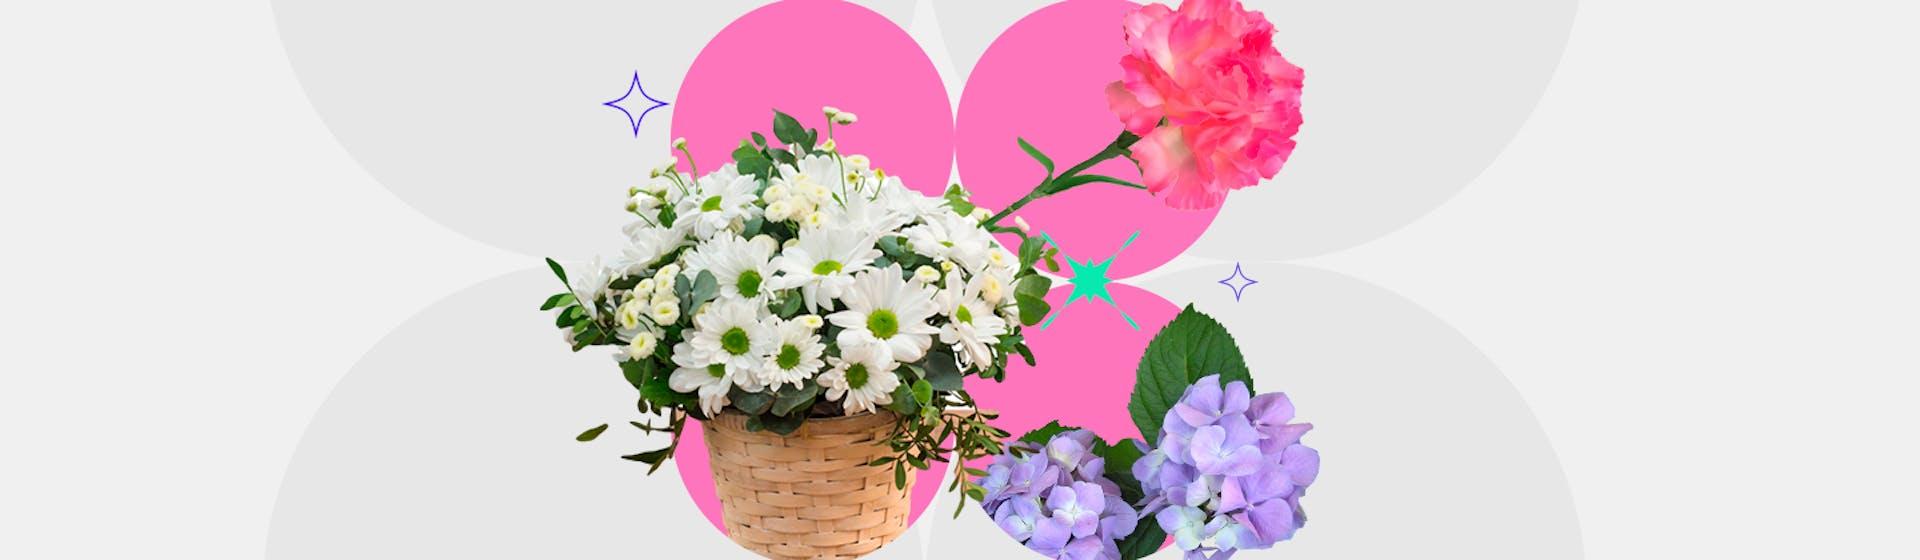 10 flores de jardín para decorar y darle color a tus áreas verdes